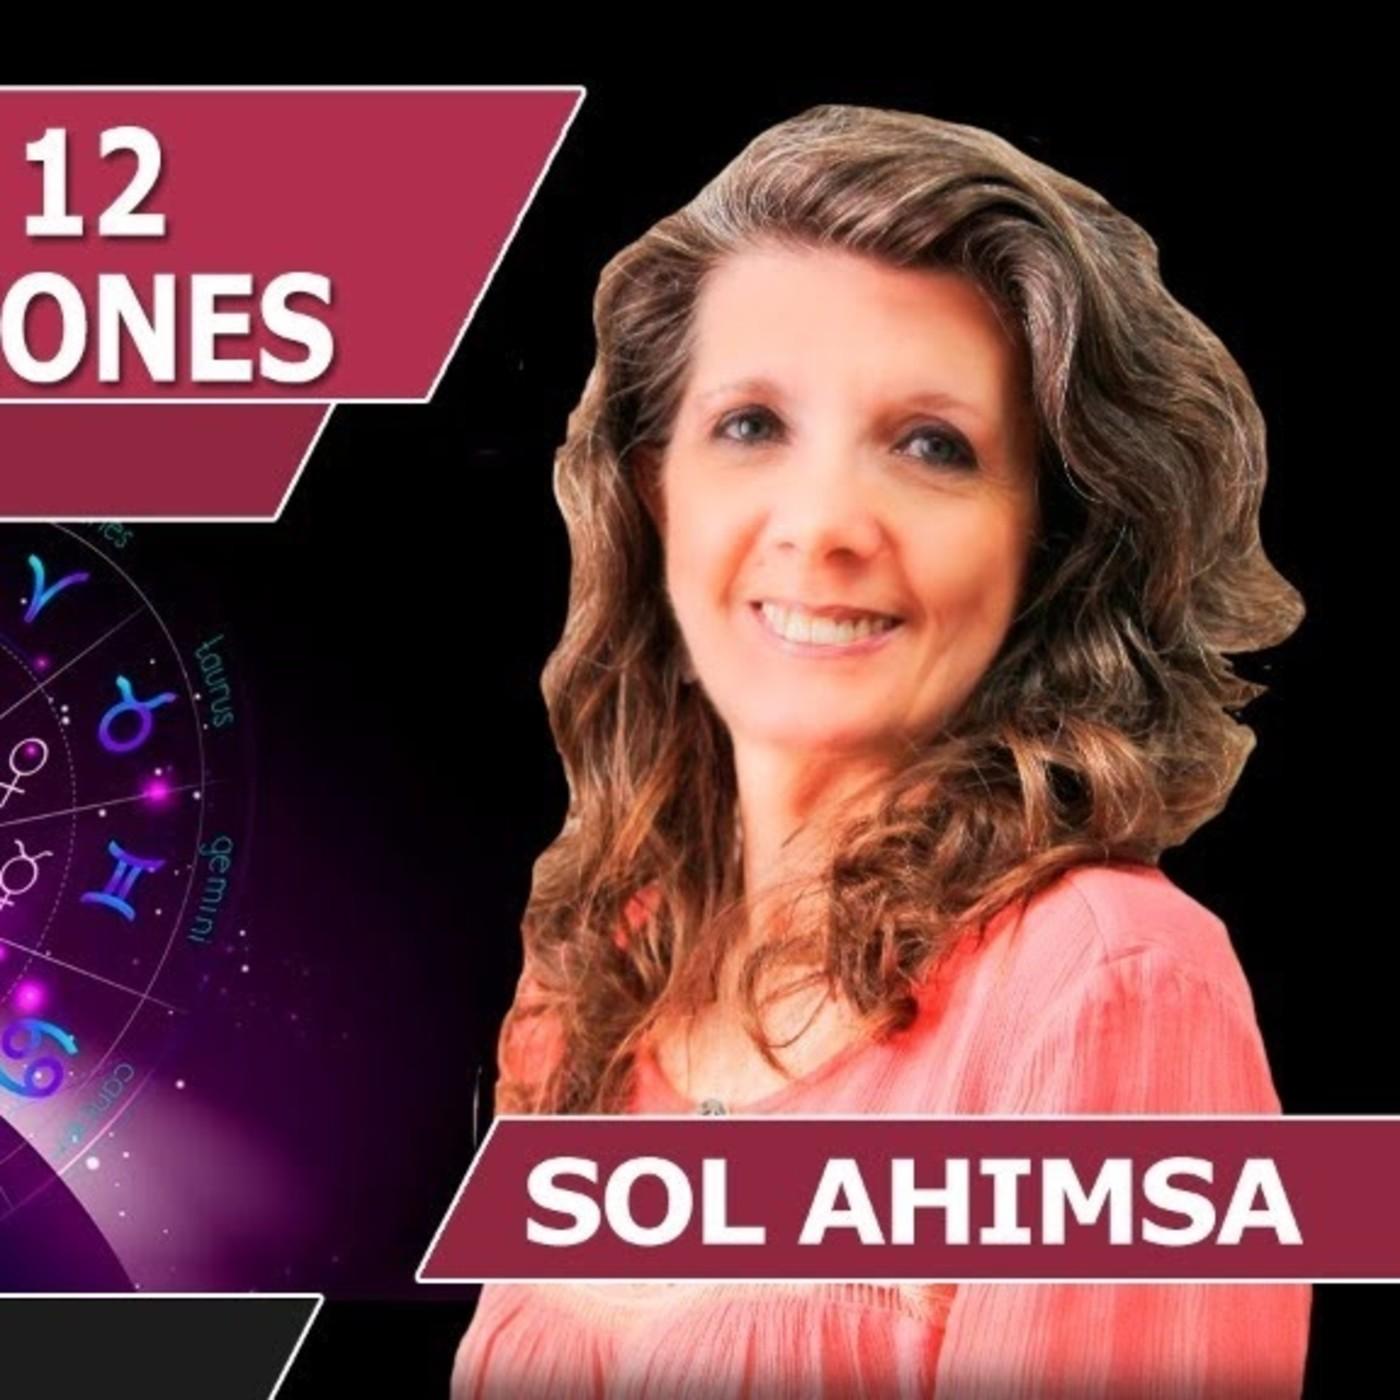 ASTROLOGIA ESTELAR: 12 SIGNOS Y 88 CONSTELACIONES con Sol Ahimsa. Capítulo 100